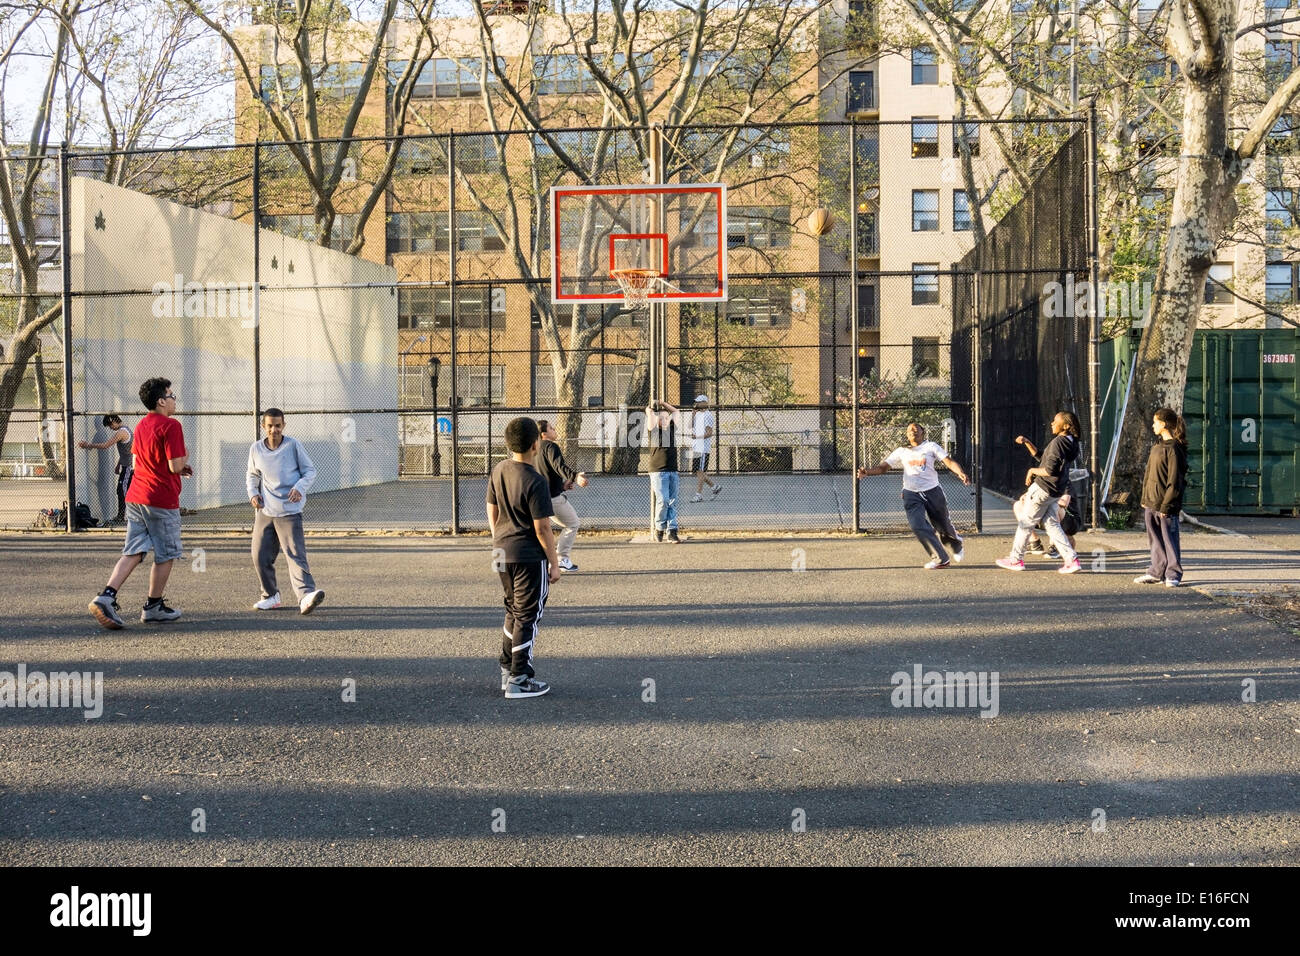 Teen nero ragazza mira per il cesto in un buon natured unisex street gioco di basket in DeWitt Clinton park Hells Kitchen Immagini Stock